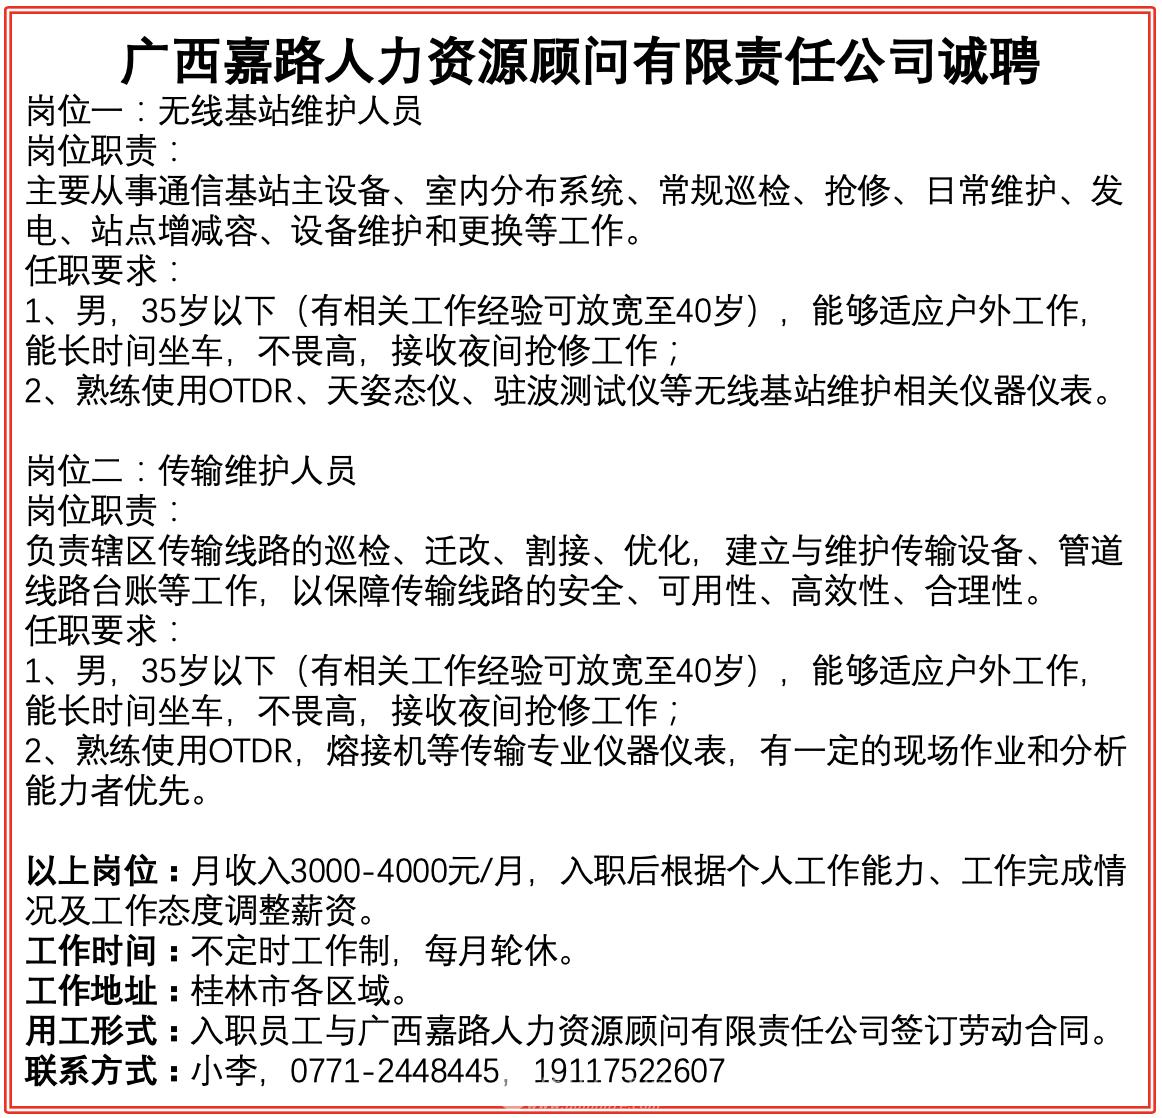 广西嘉路人力资源顾问有限责任公司高薪诚聘!